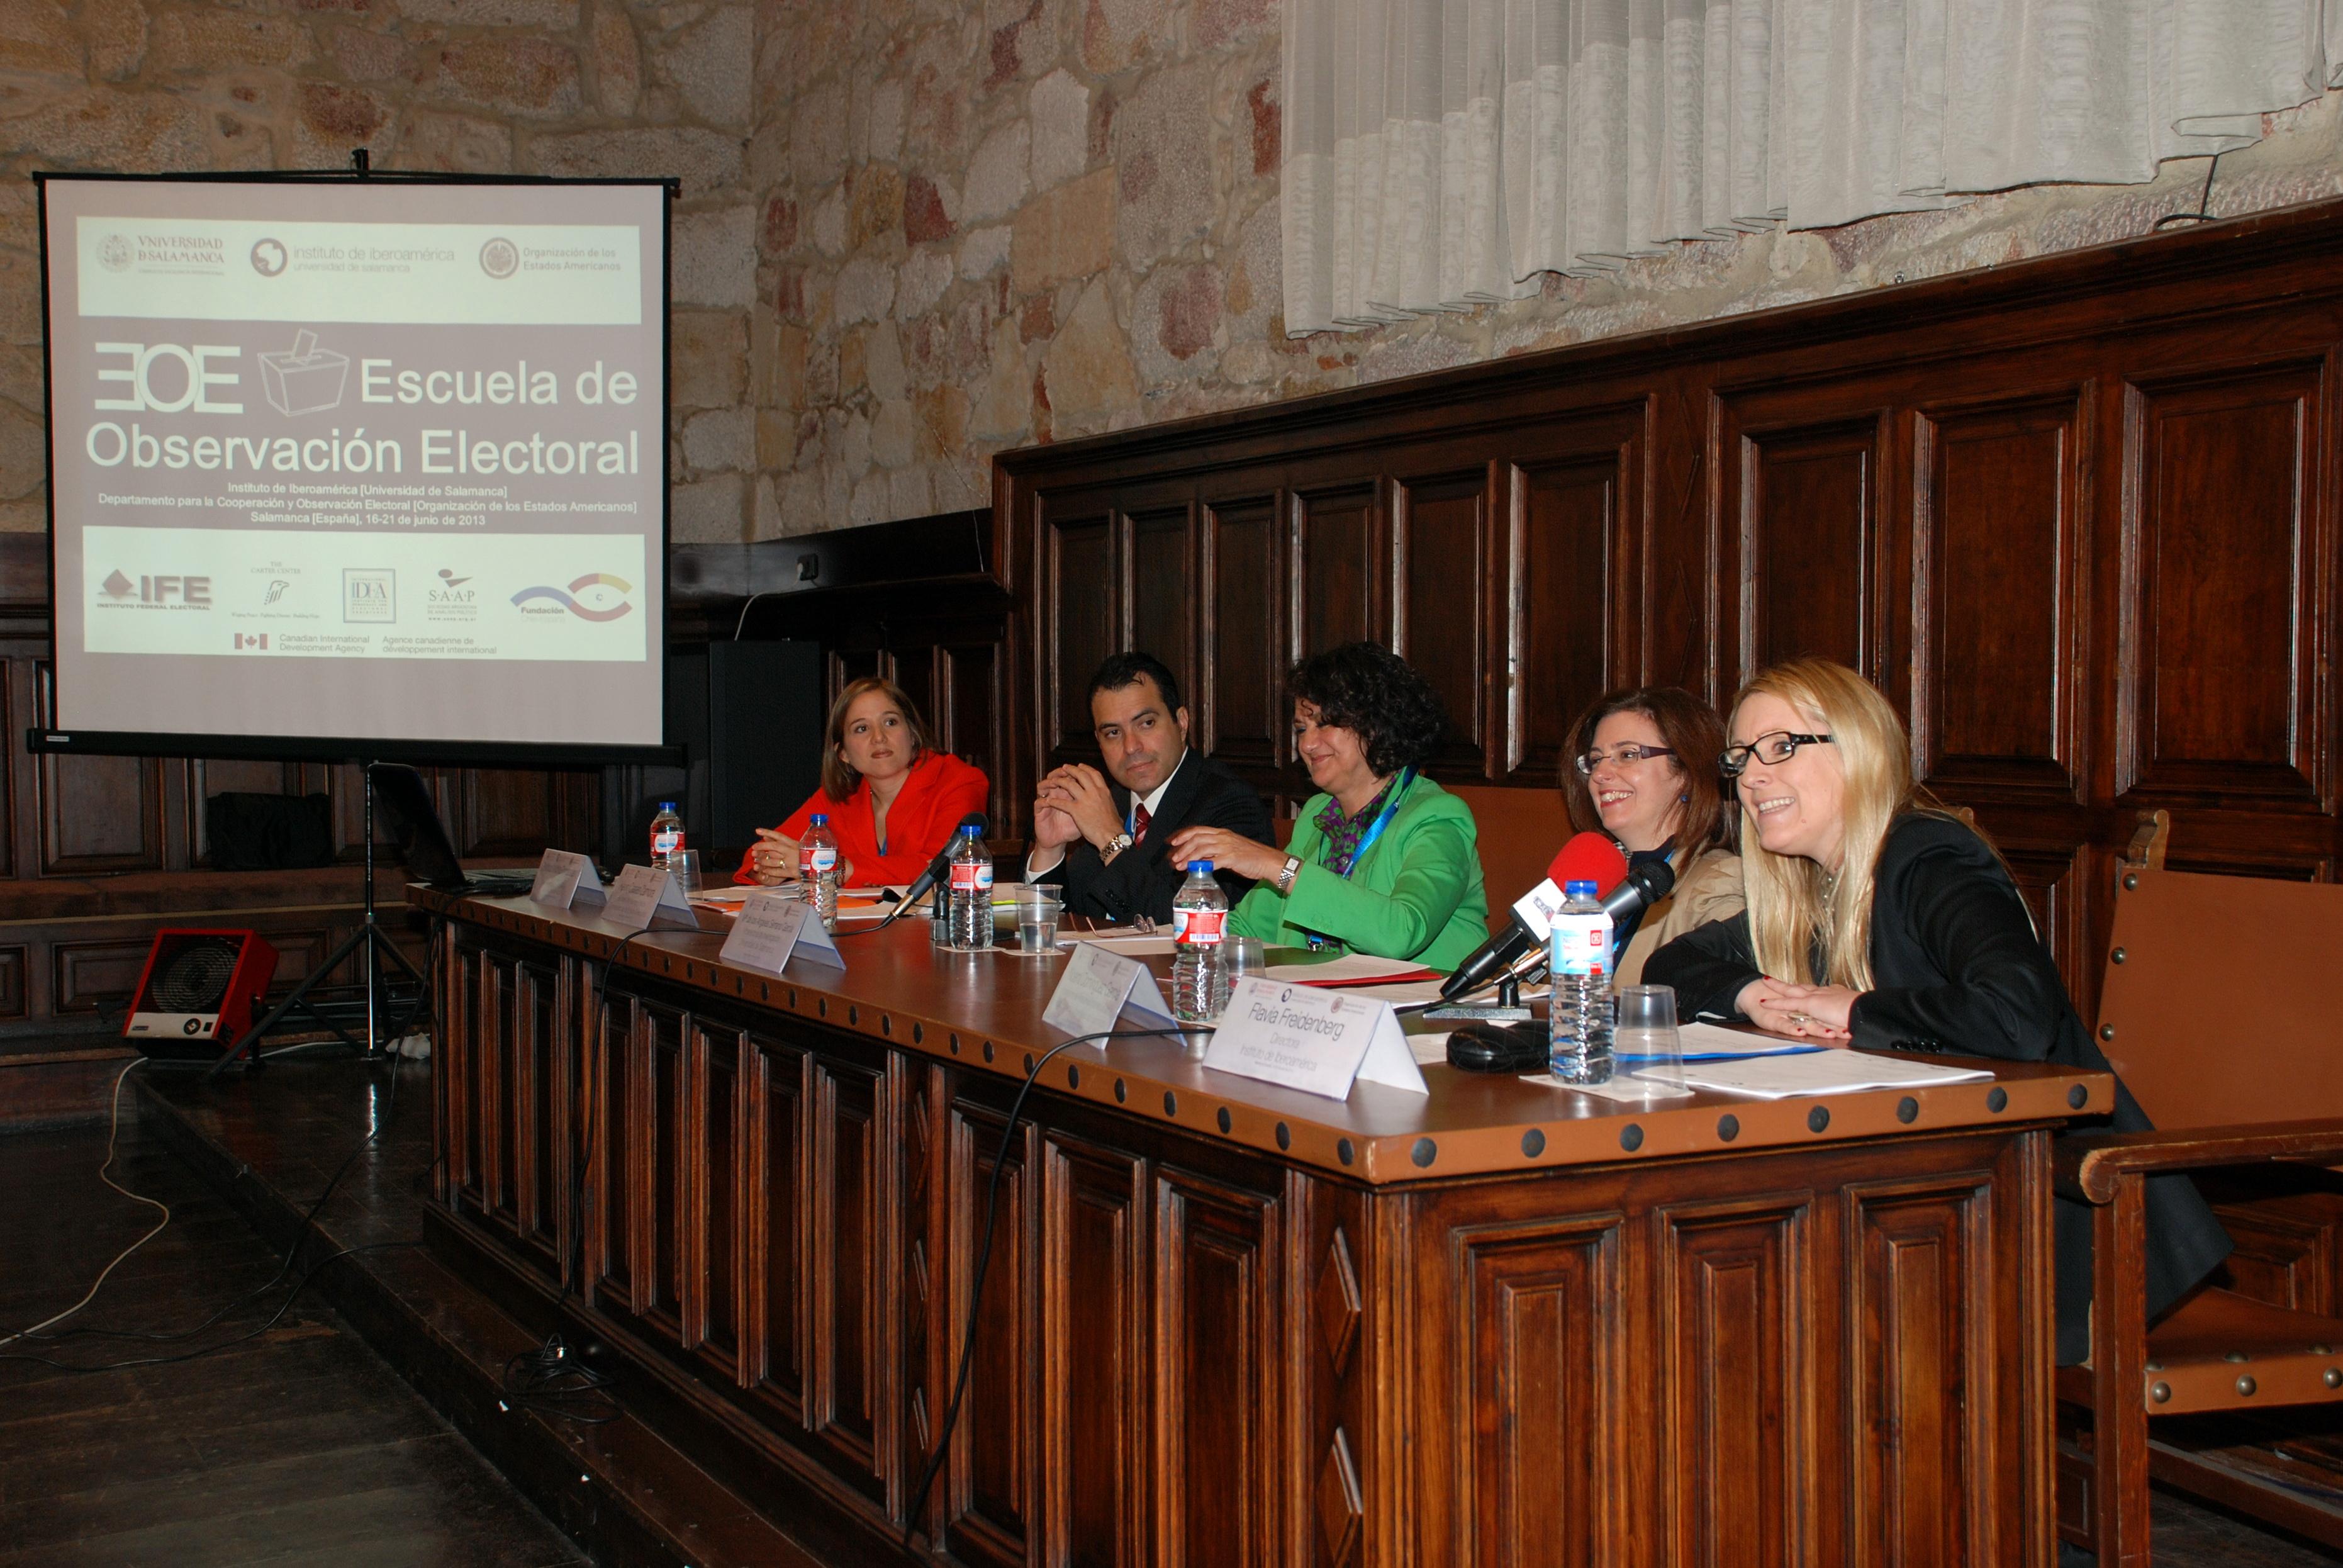 El Instituto de Iberoamérica y la Organización de los Estados Americanos organizan la primera Escuela de Observación Electoral